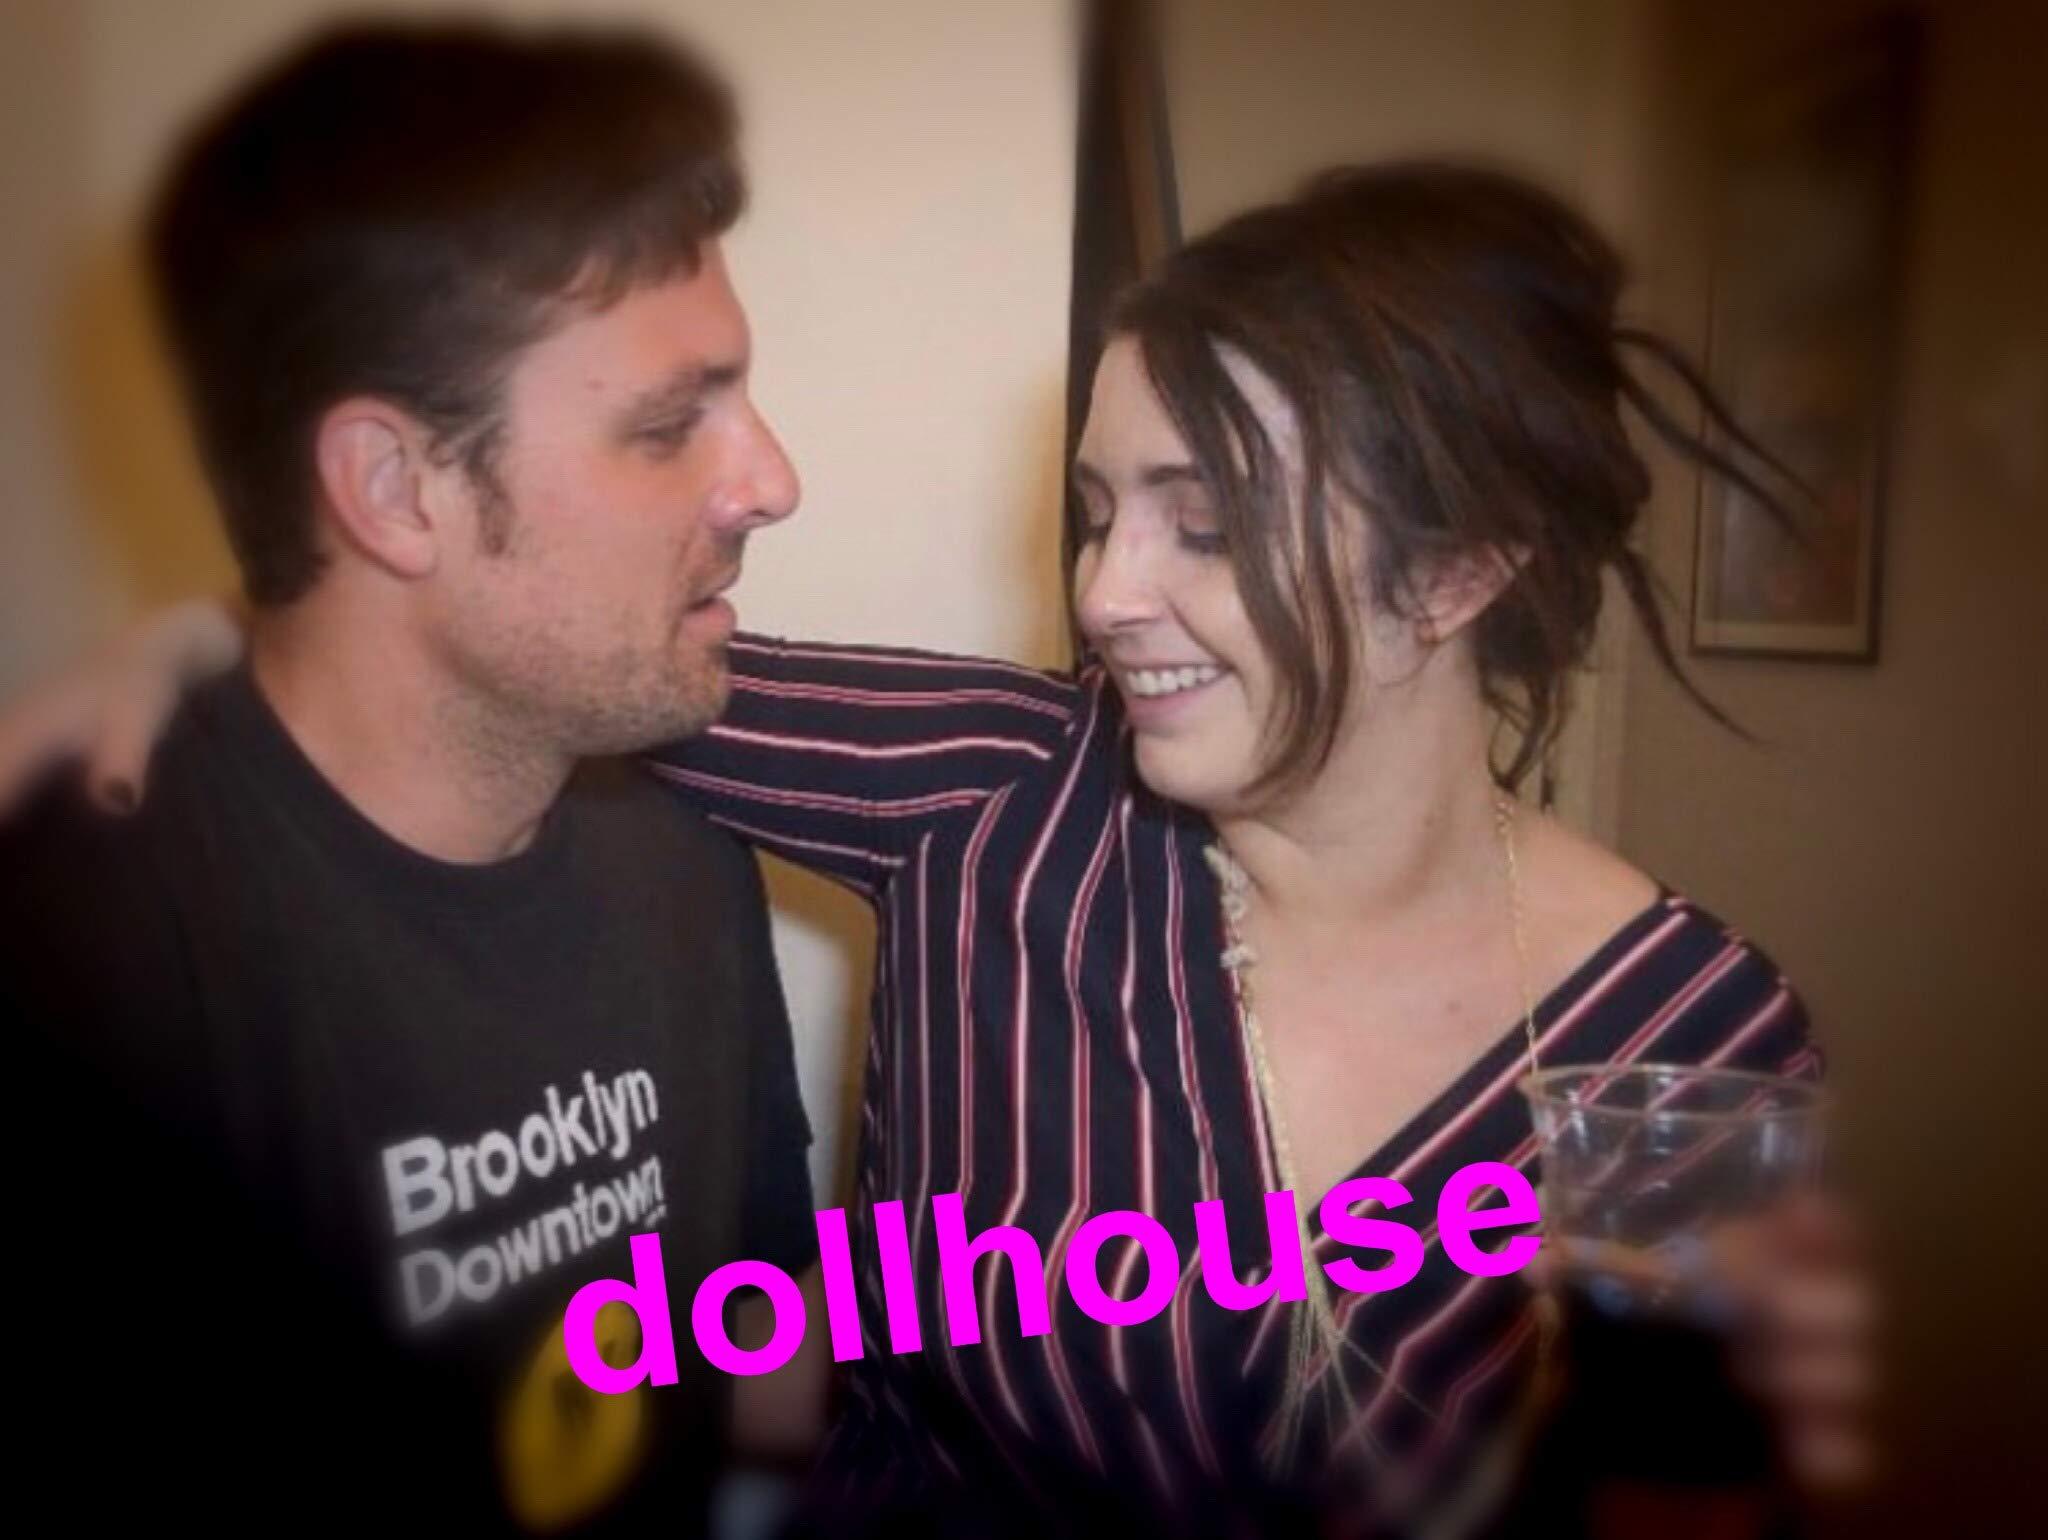 Clip: Dollhouse